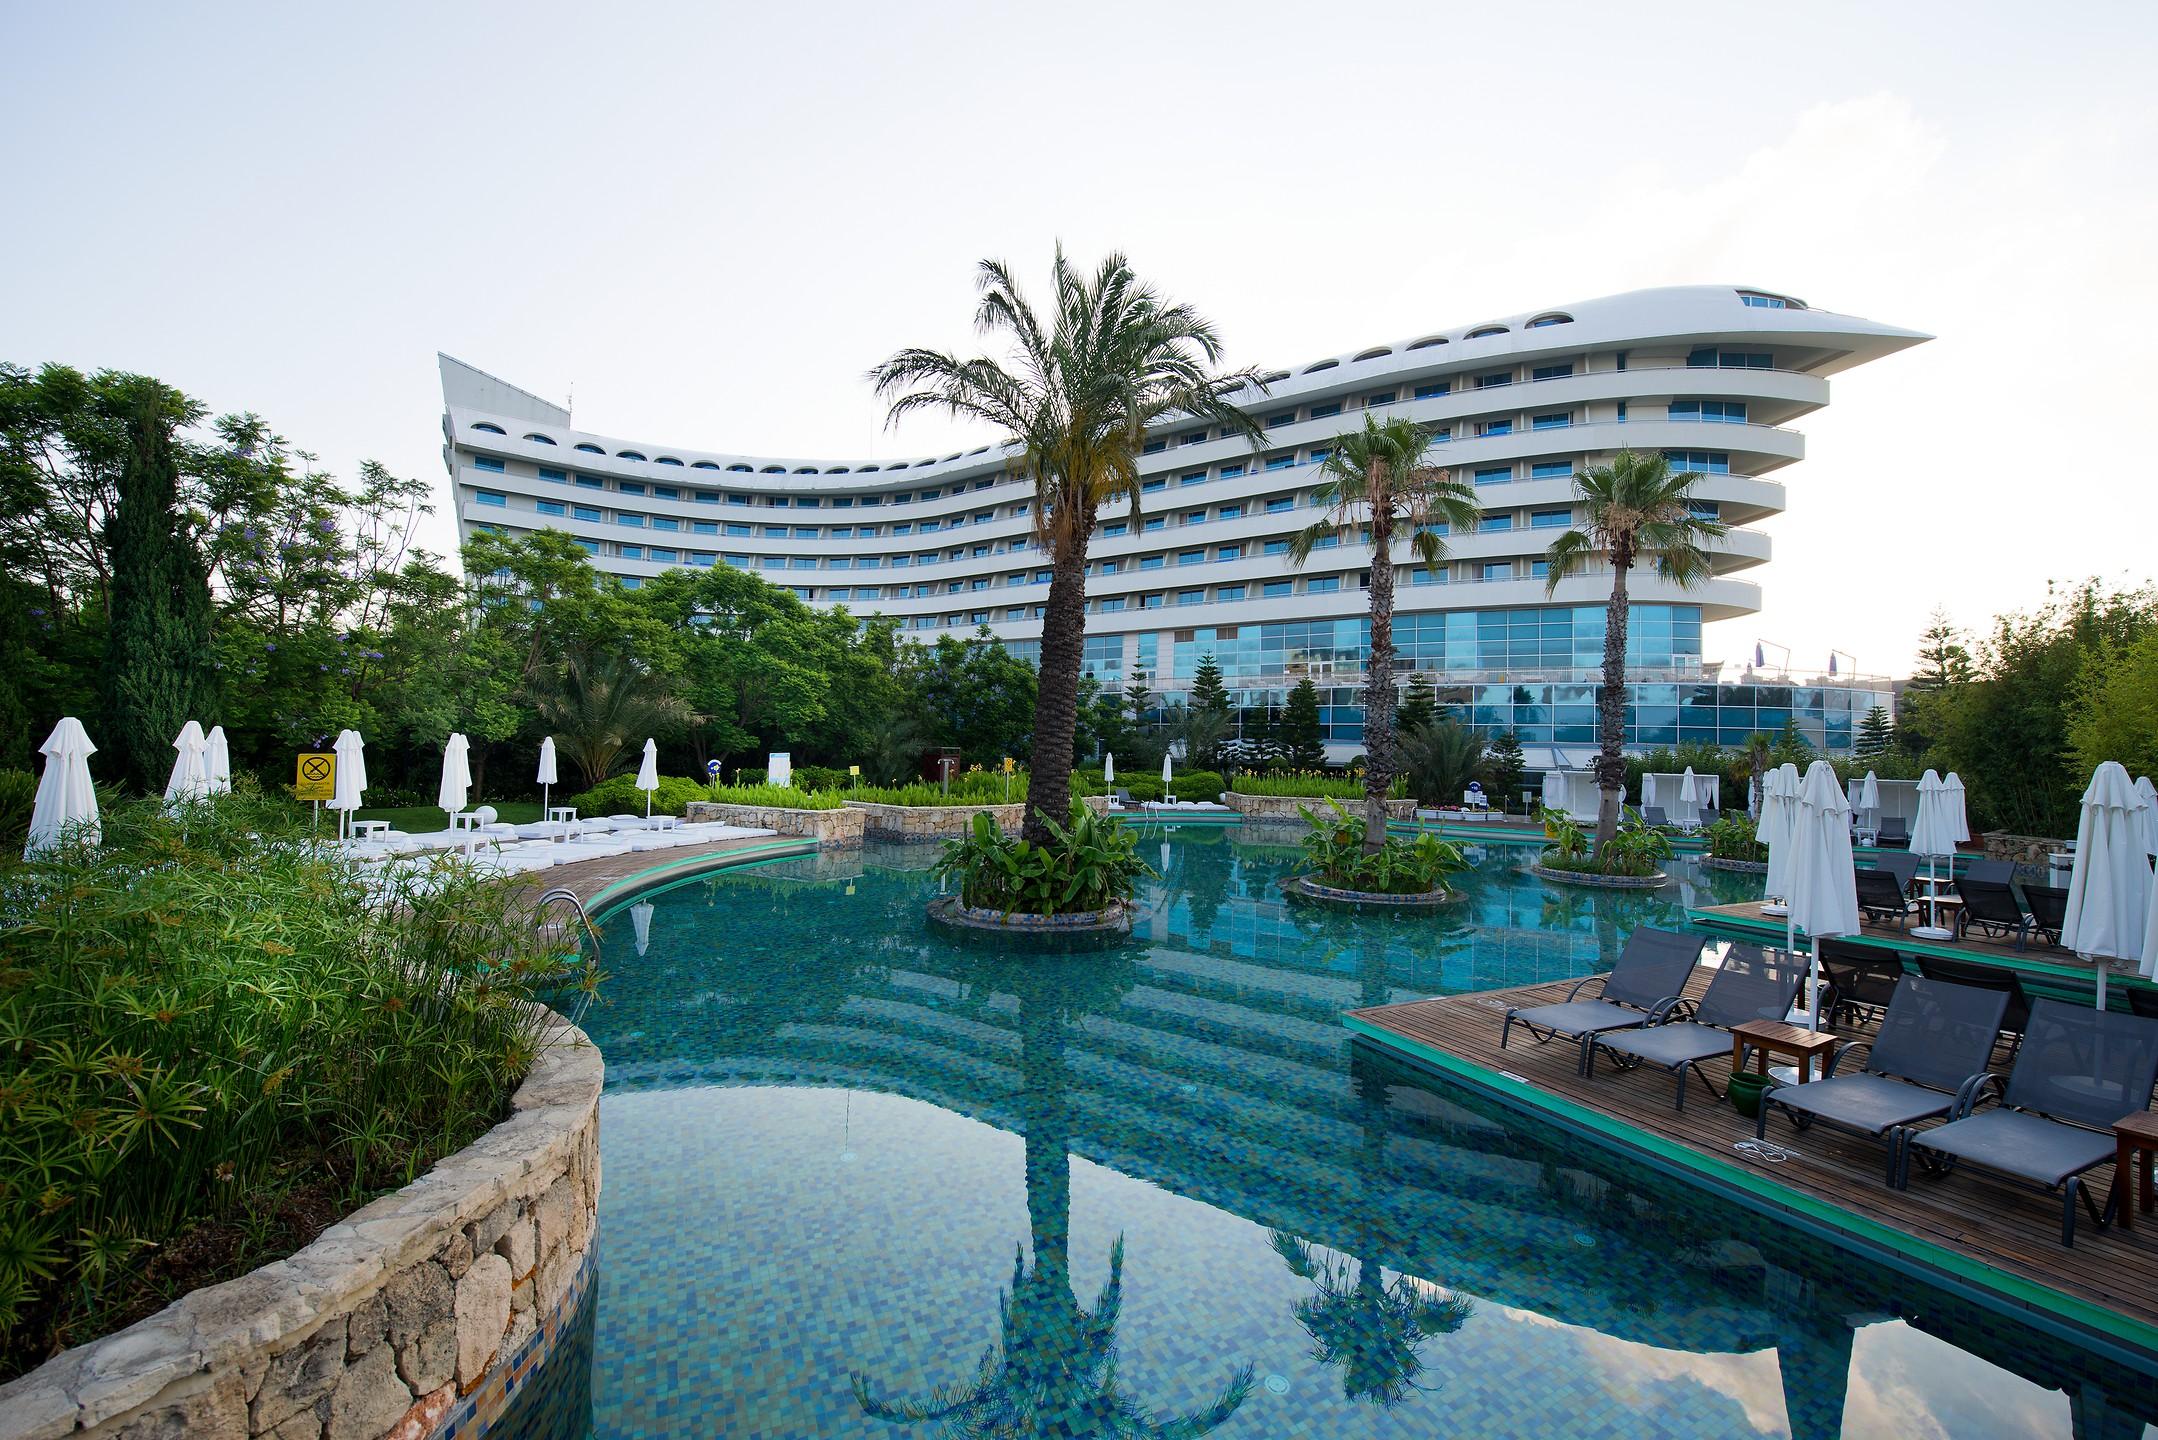 Concorde de luxe resort hotel aktob mediterranean for Hotel de luxe